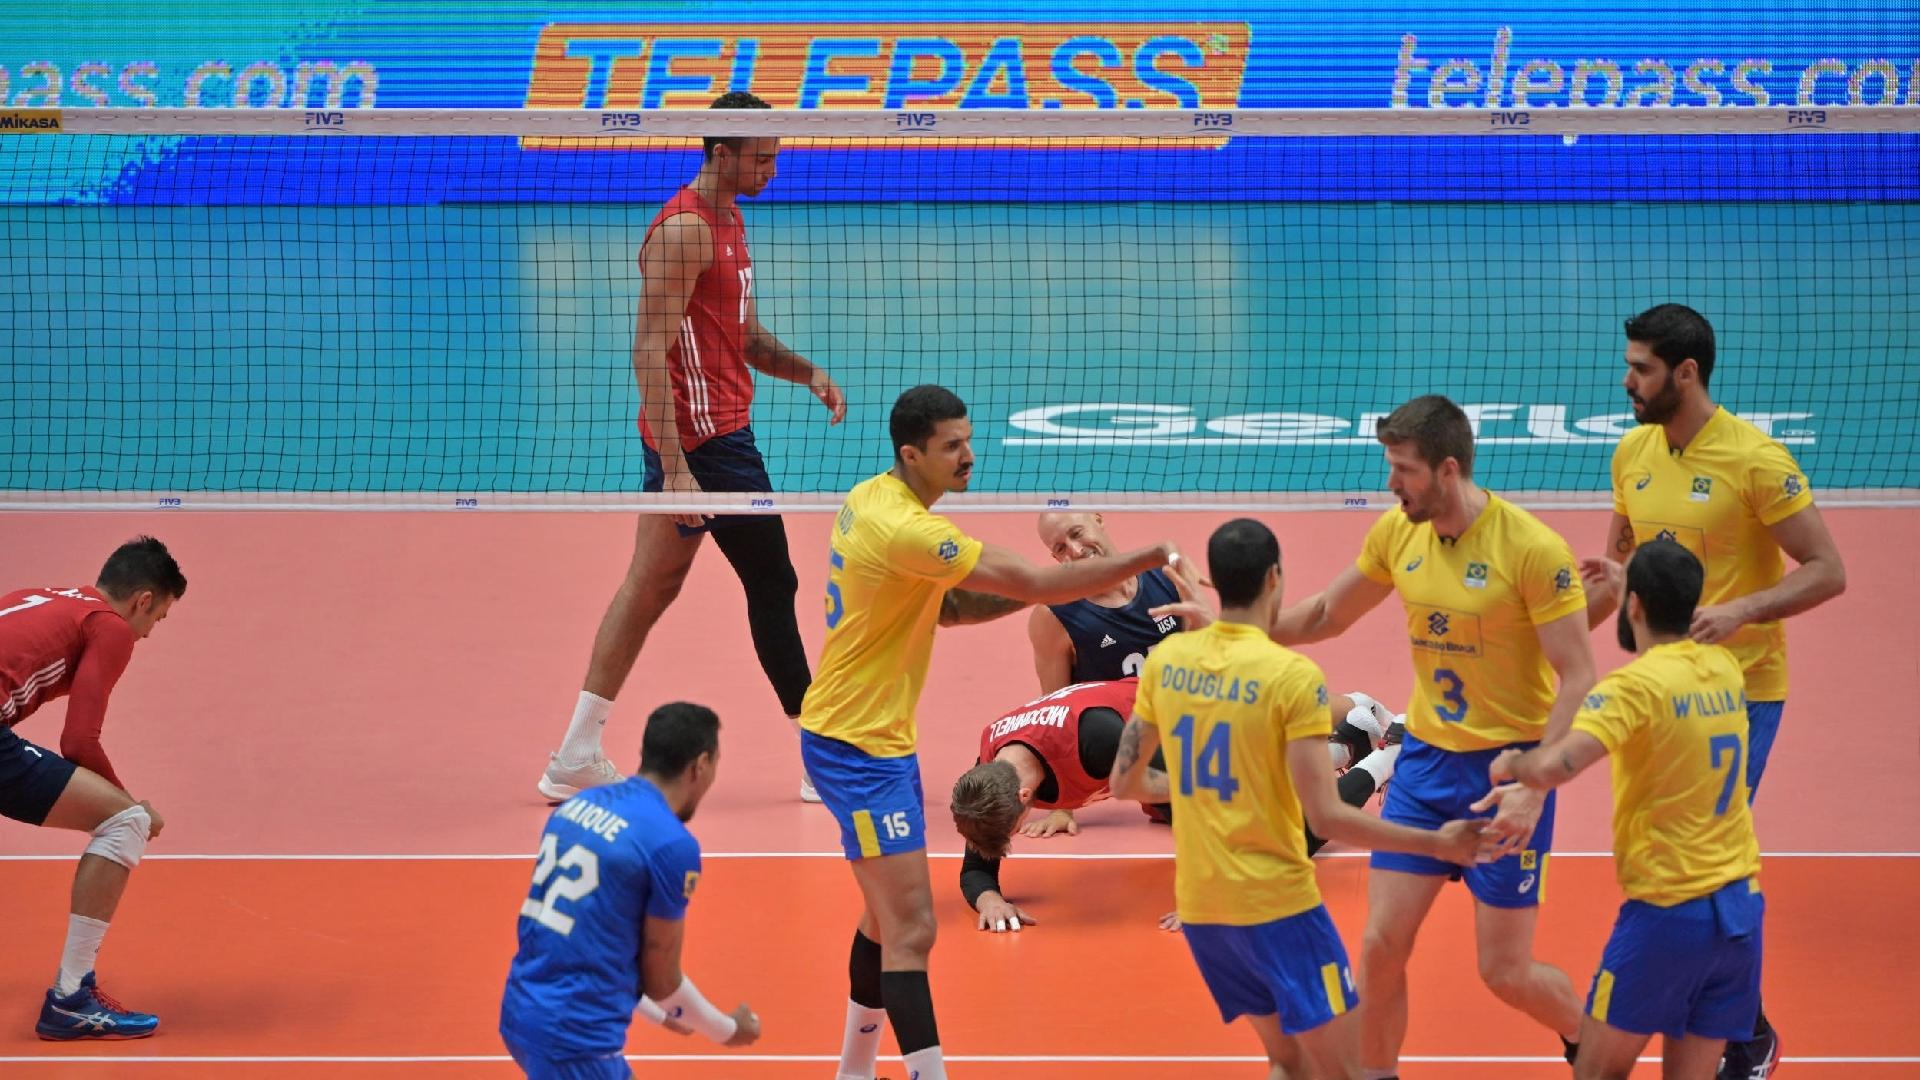 Seleção brasileira comemora ponto diante dos Estados Unidos no Mundial de Vôlei